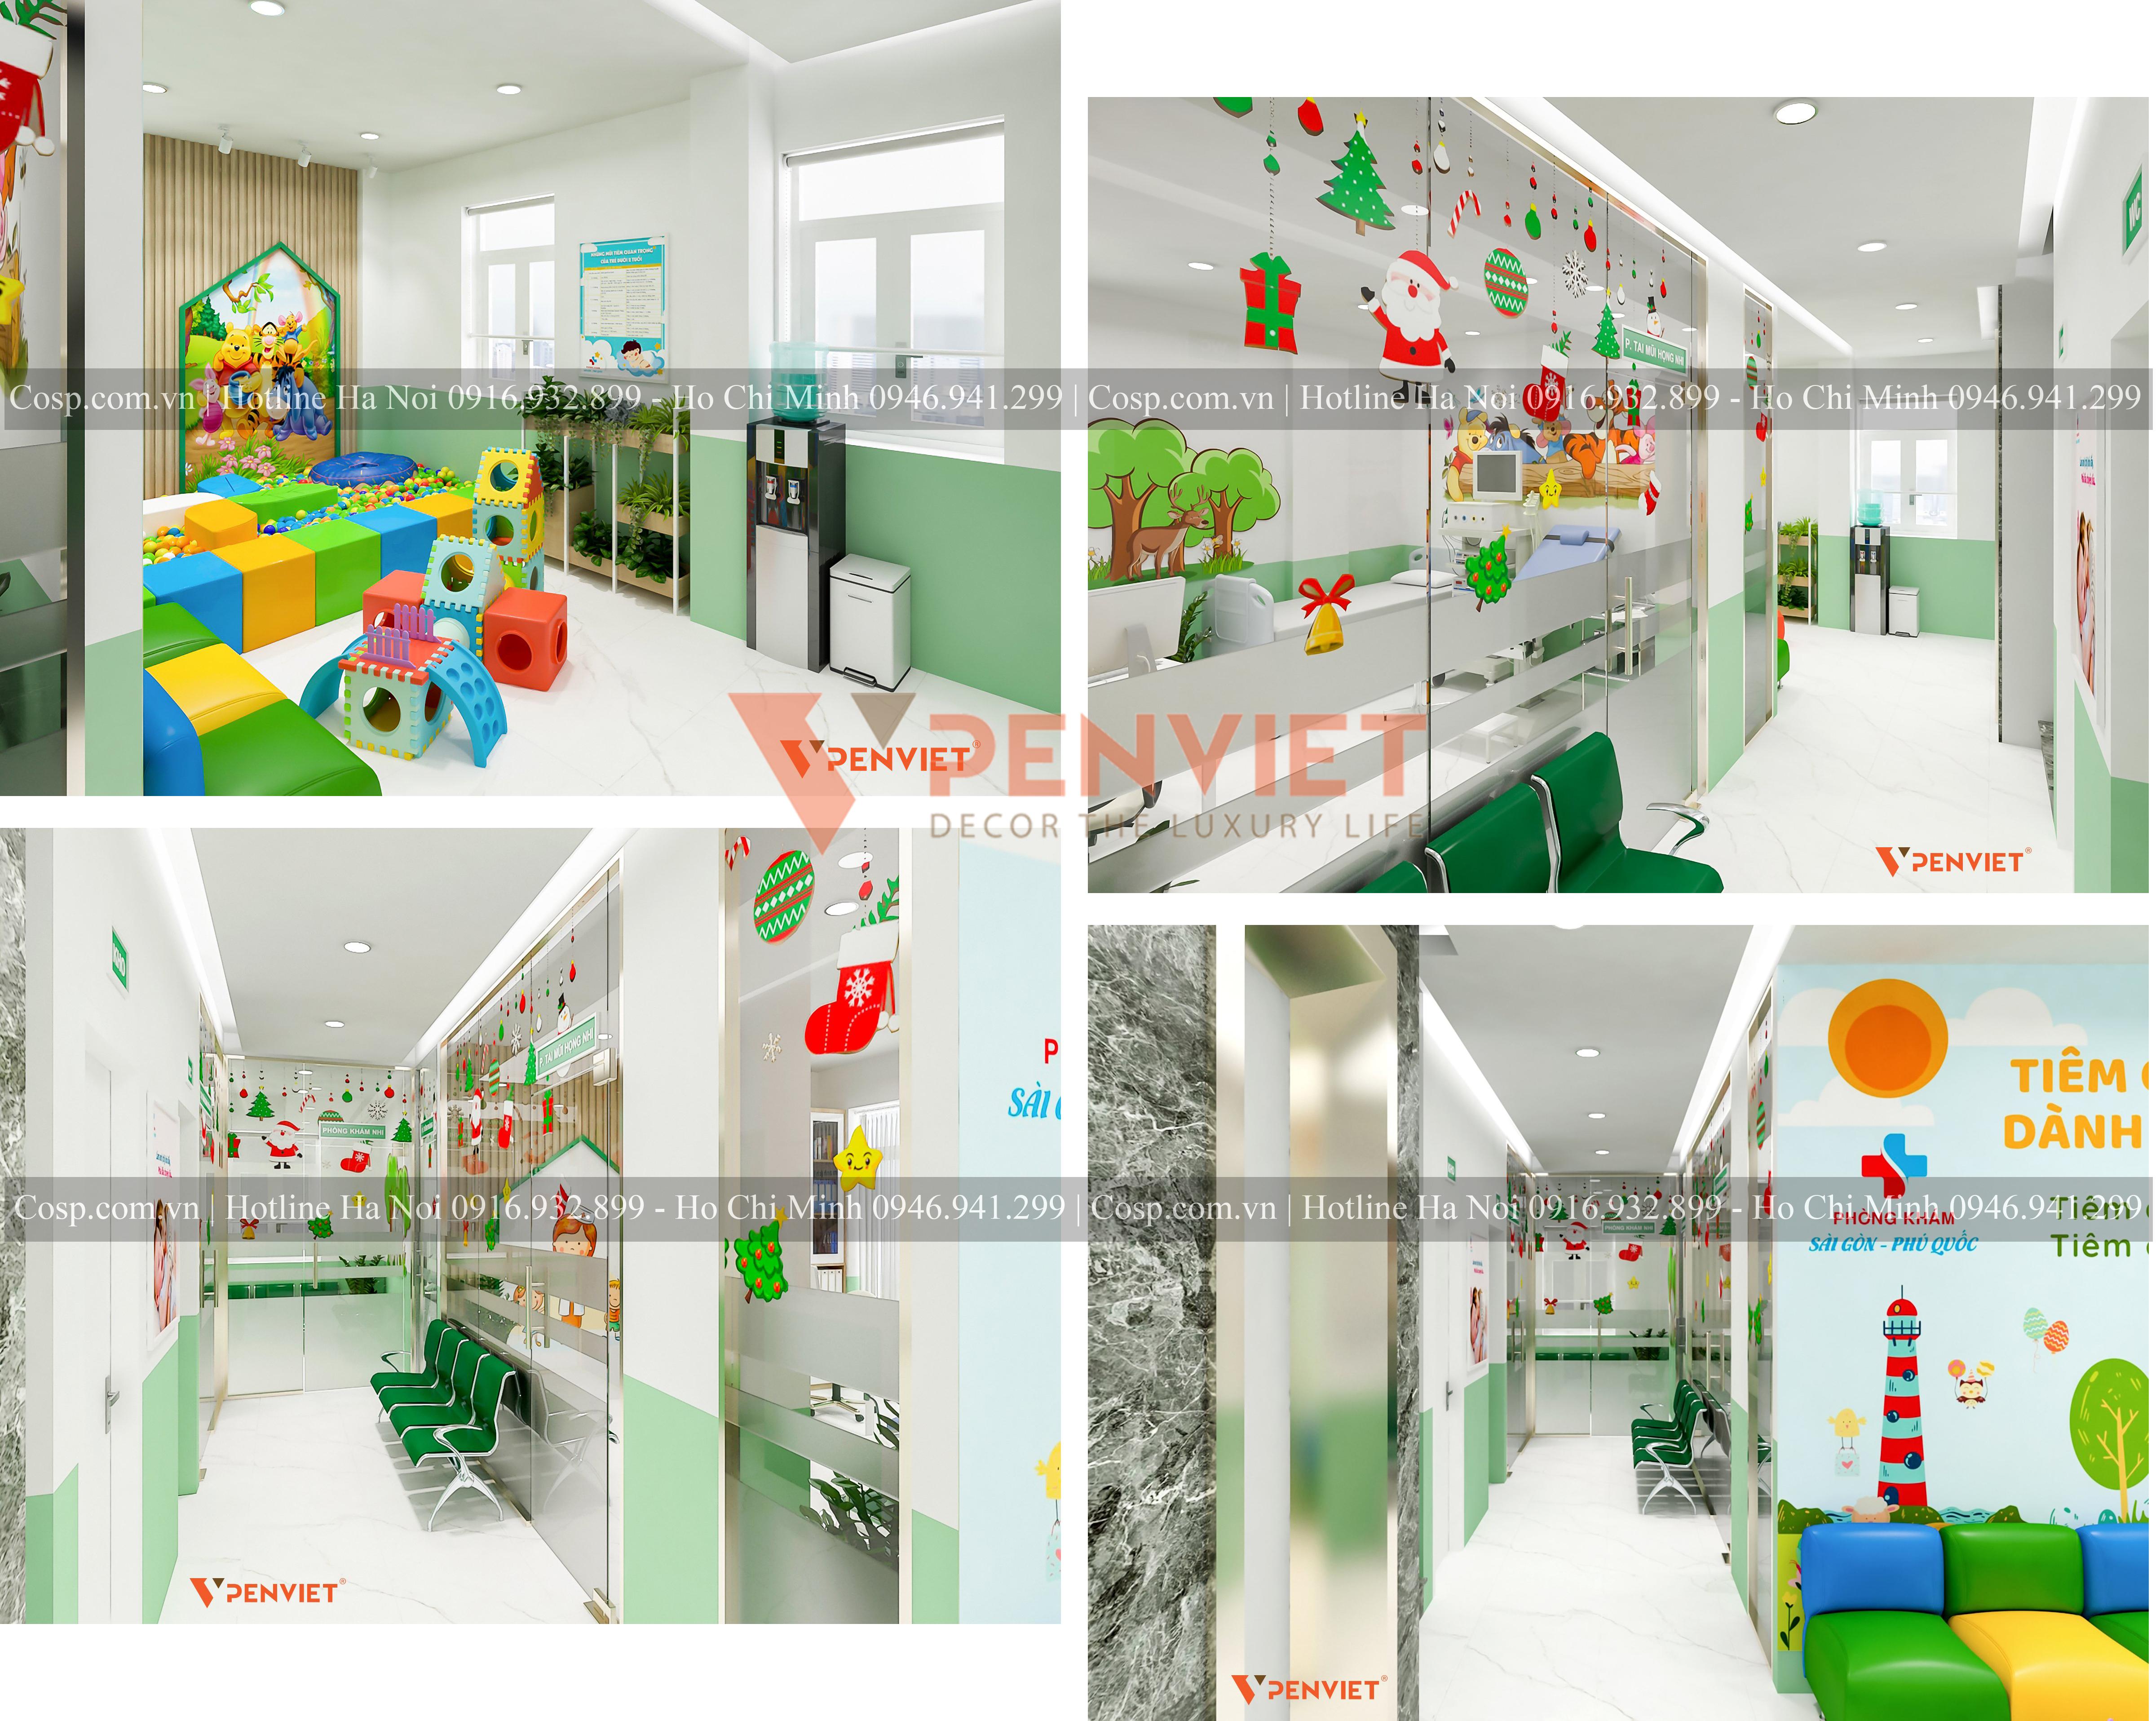 Thiết kế phòng khám với khu vui chơi dành cho các bệnh nhân nhí